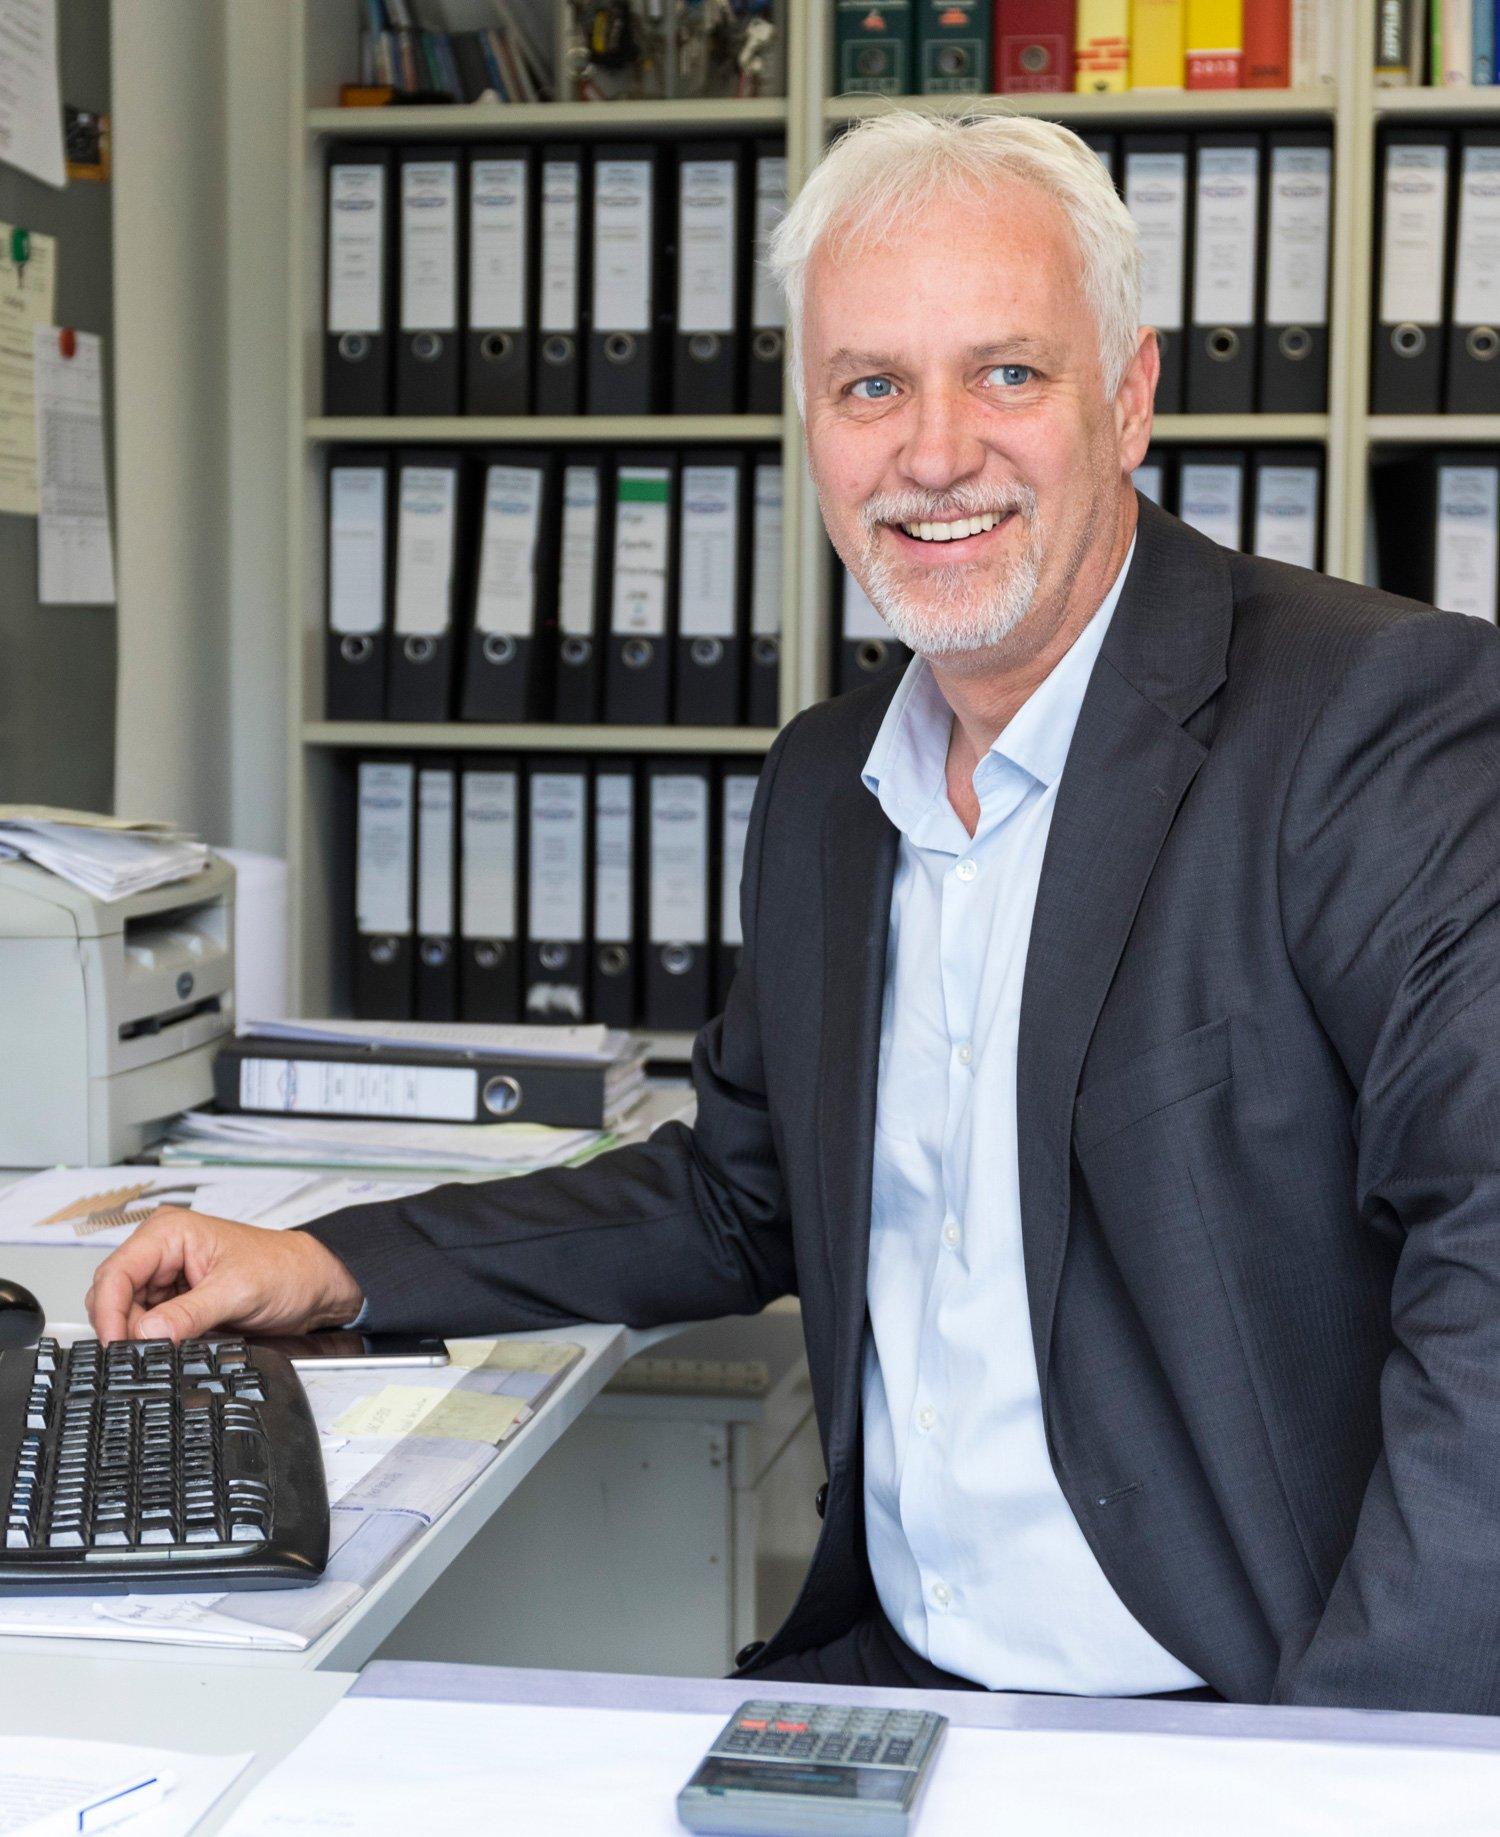 Schwabe Bau Geschäftsführer und Firmeninhaber Martin Kamp